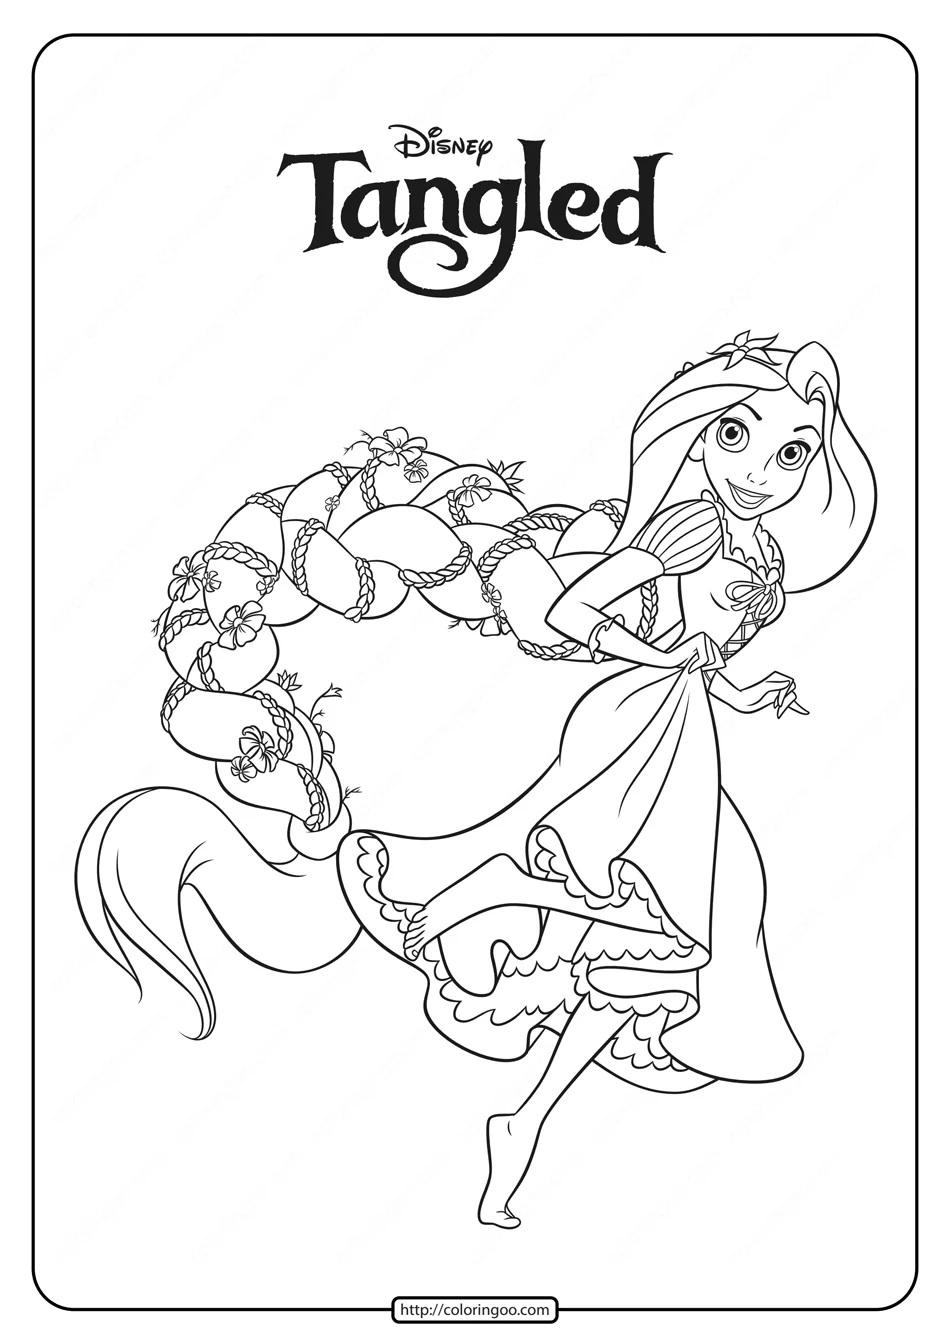 Tranh tô màu công chúa tóc mây đang chạy